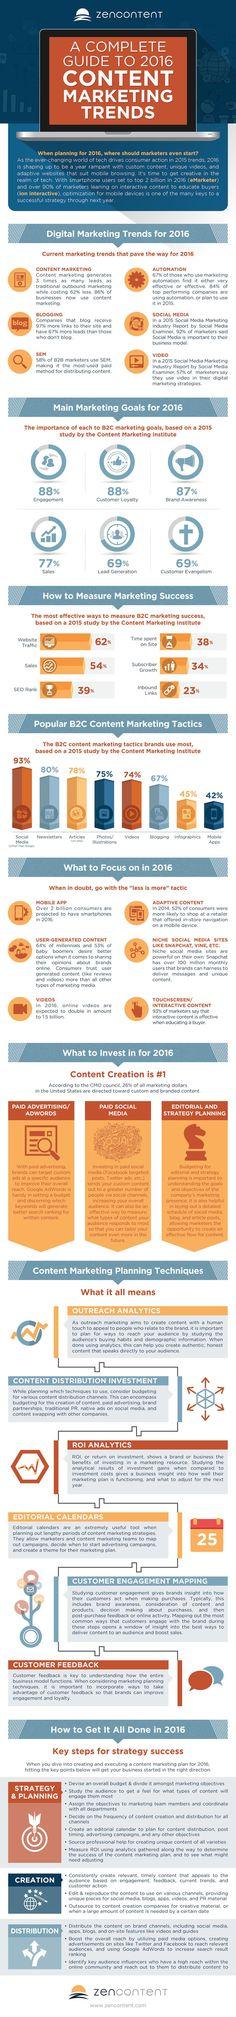 Content marketing, wat zijn de trends voor het nieuwe jaar? Video gaat zeker een nóg belangrijke rol spelen. En afbeeldingen, Pinterest en Instagram zijn on de rise. Maar waar moet je als content marketeer nu nog meer op letten (of voorbereiden)? In deze infographic kom je het te weten. Op